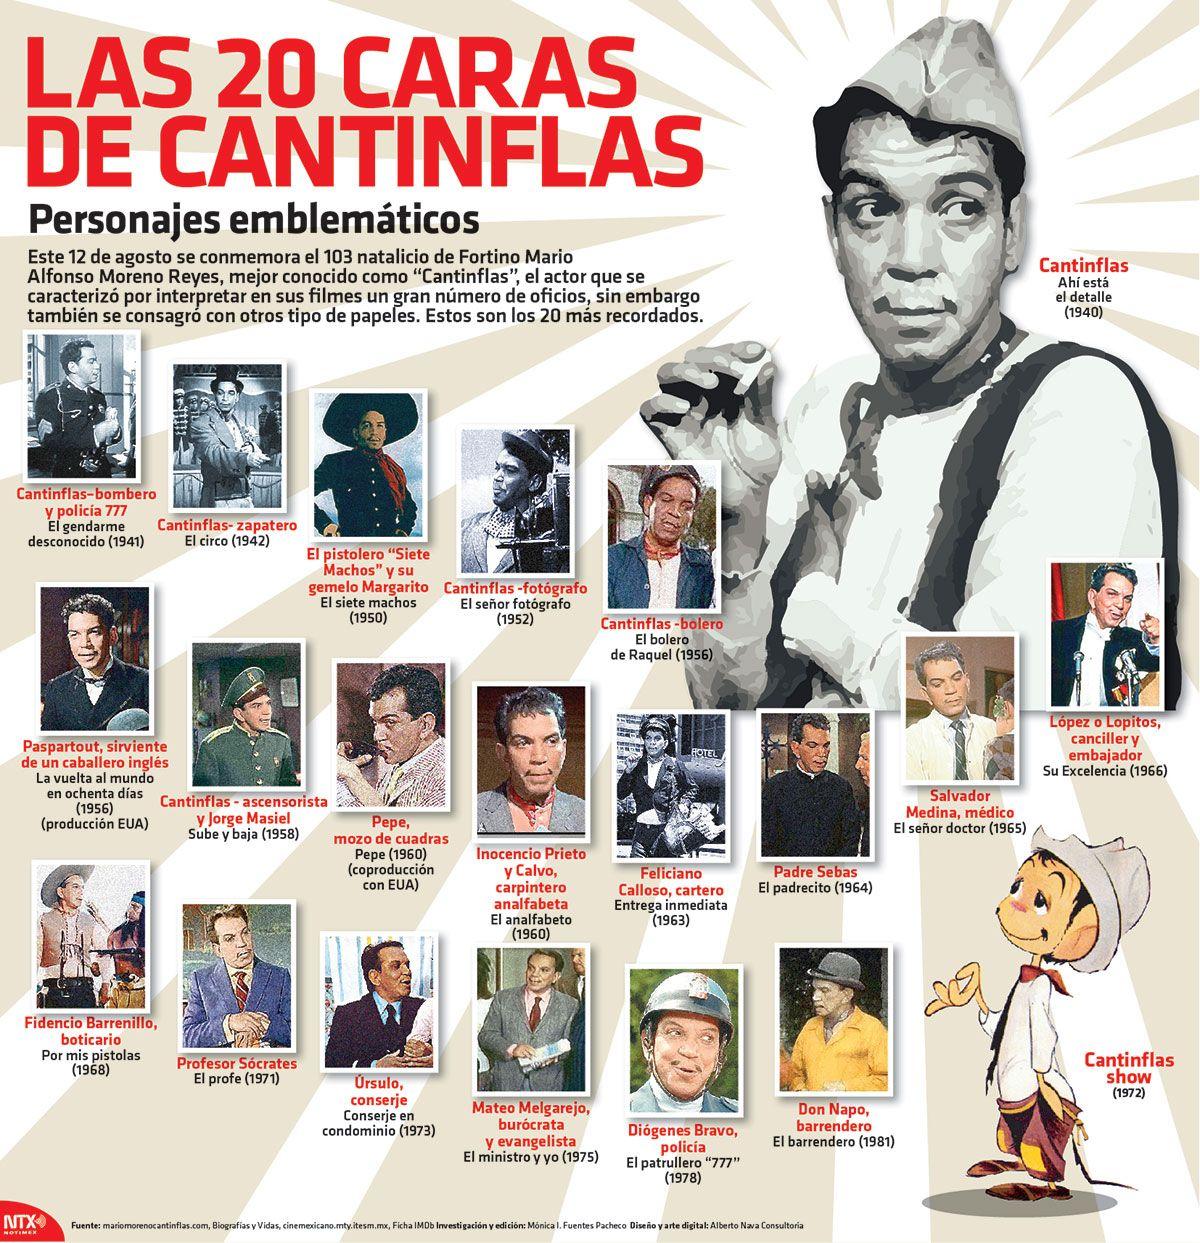 Este 12 de agosto se conmemoró el 103 natalicio de Fortino Mario Alfonso Moreno Reyes,